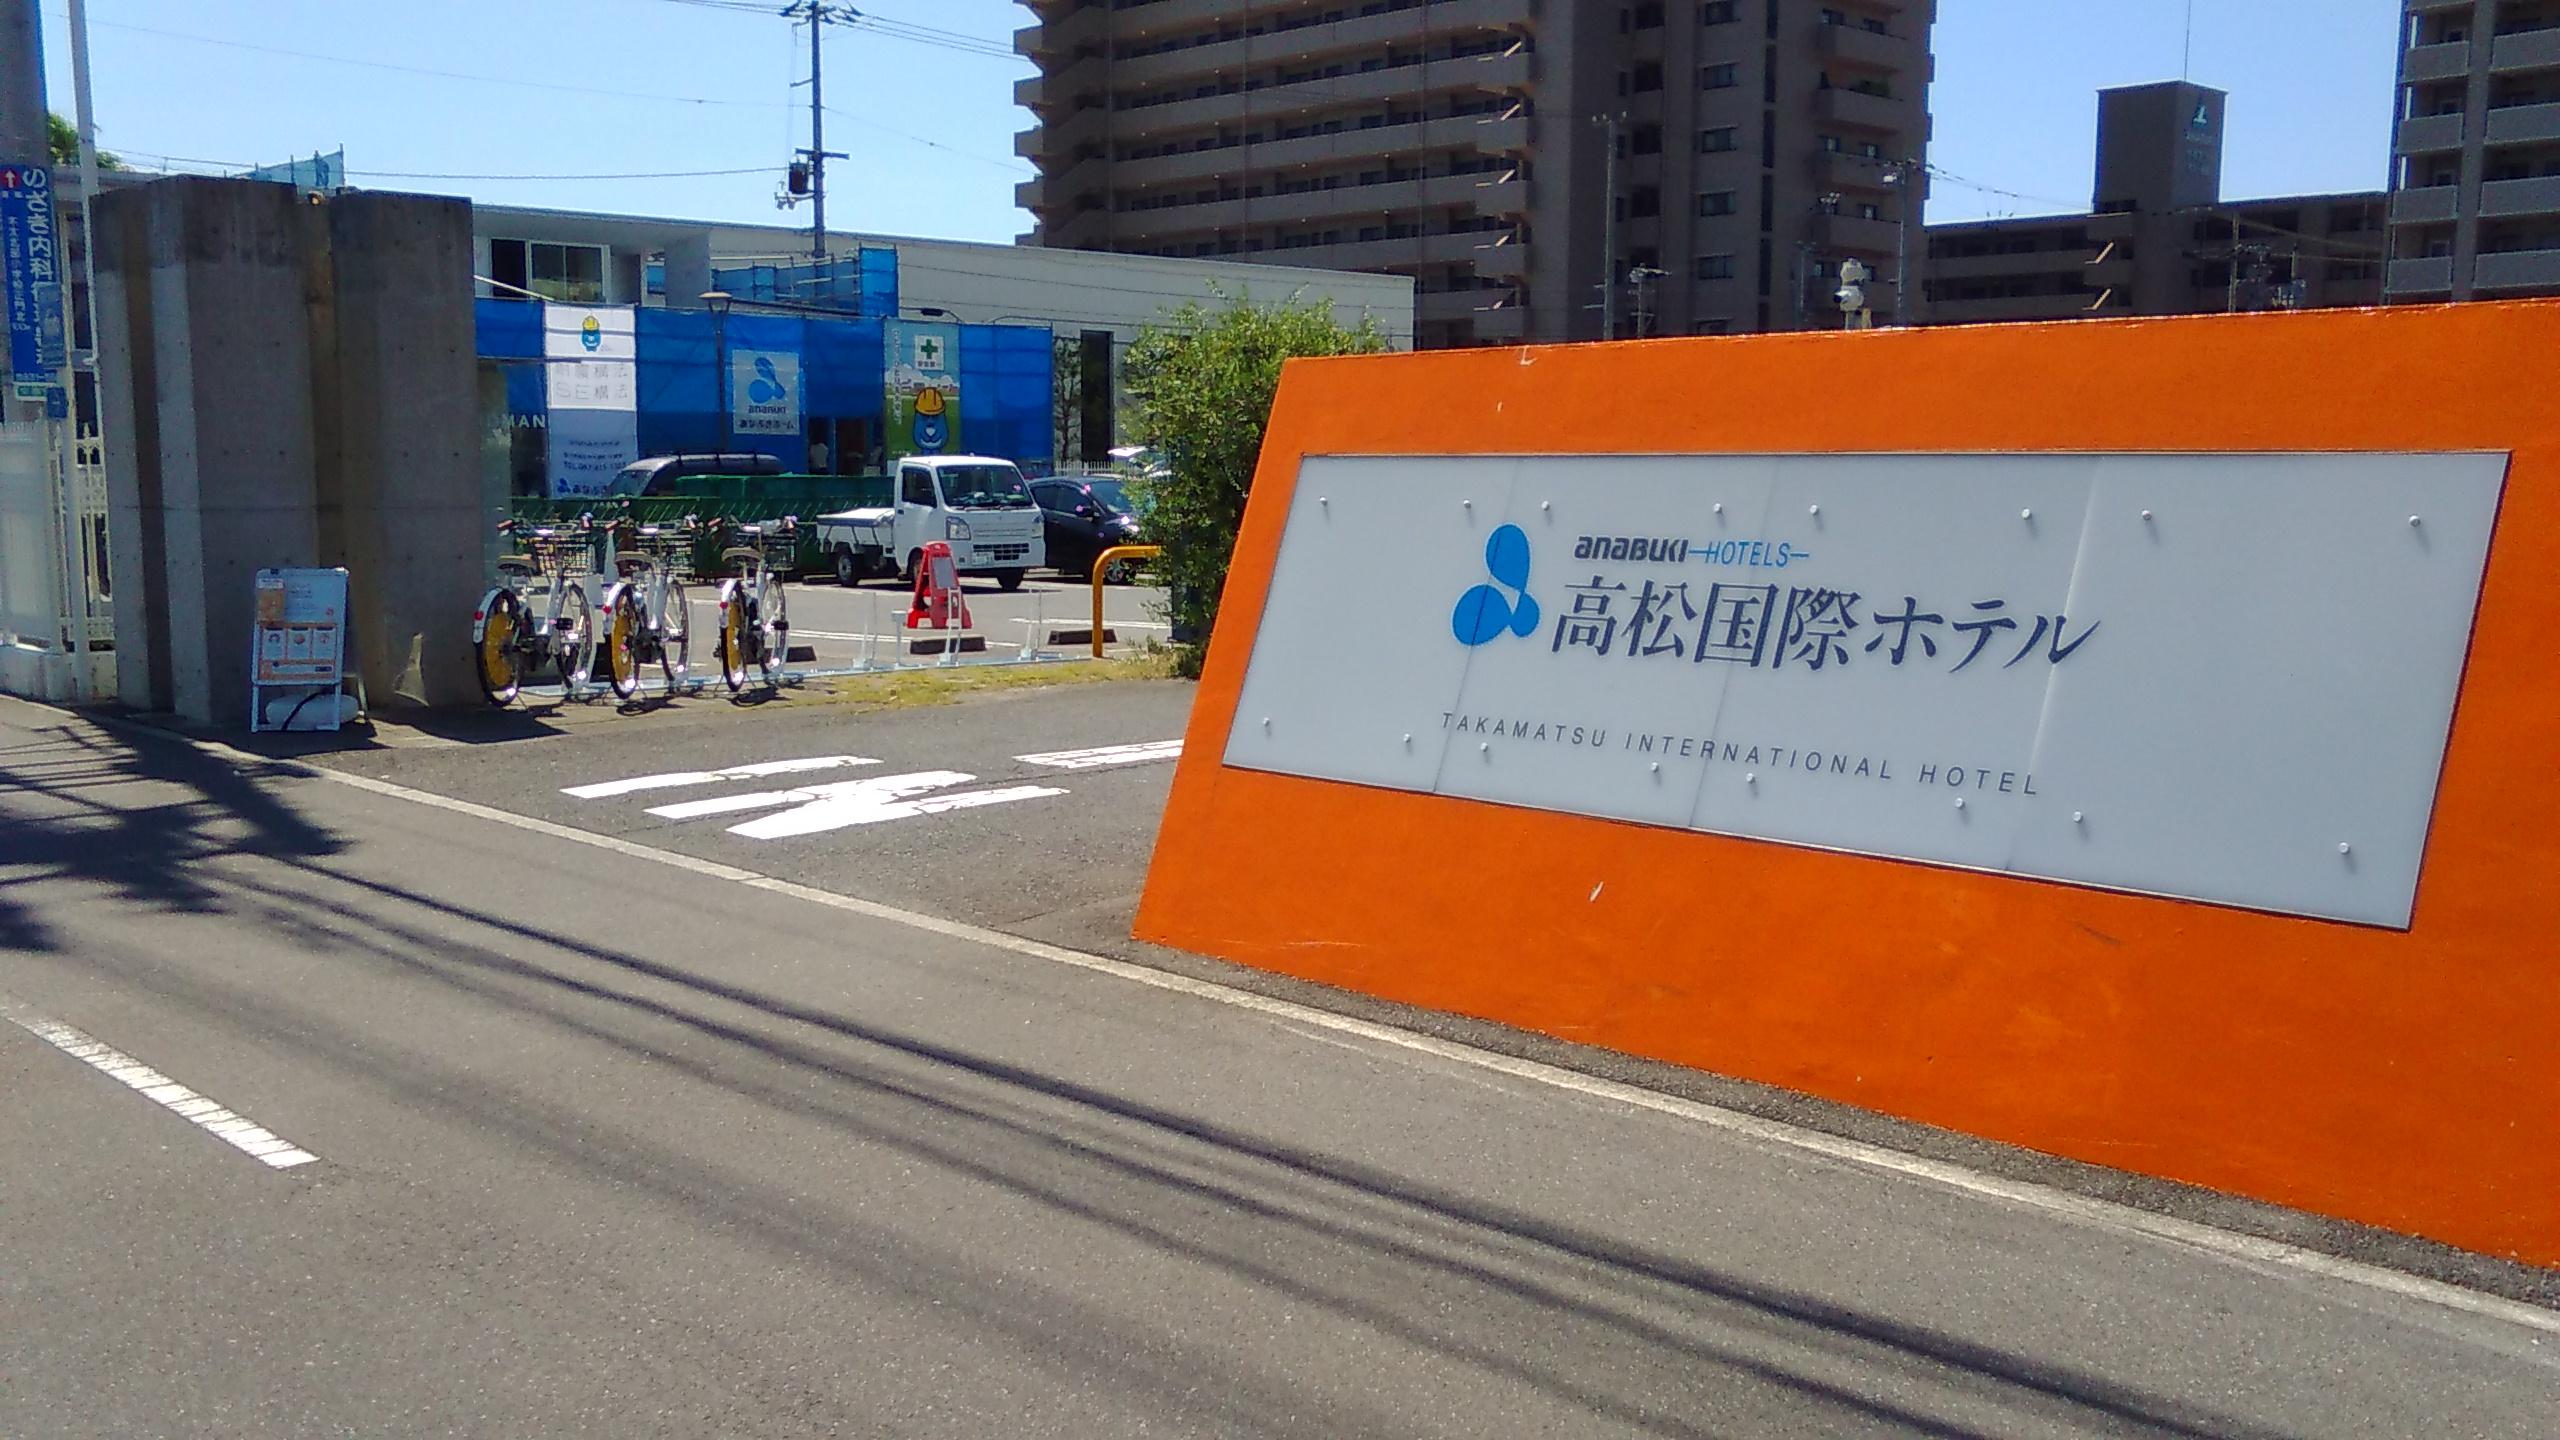 高松国際ホテル (HELLO CYCLING ポート) image